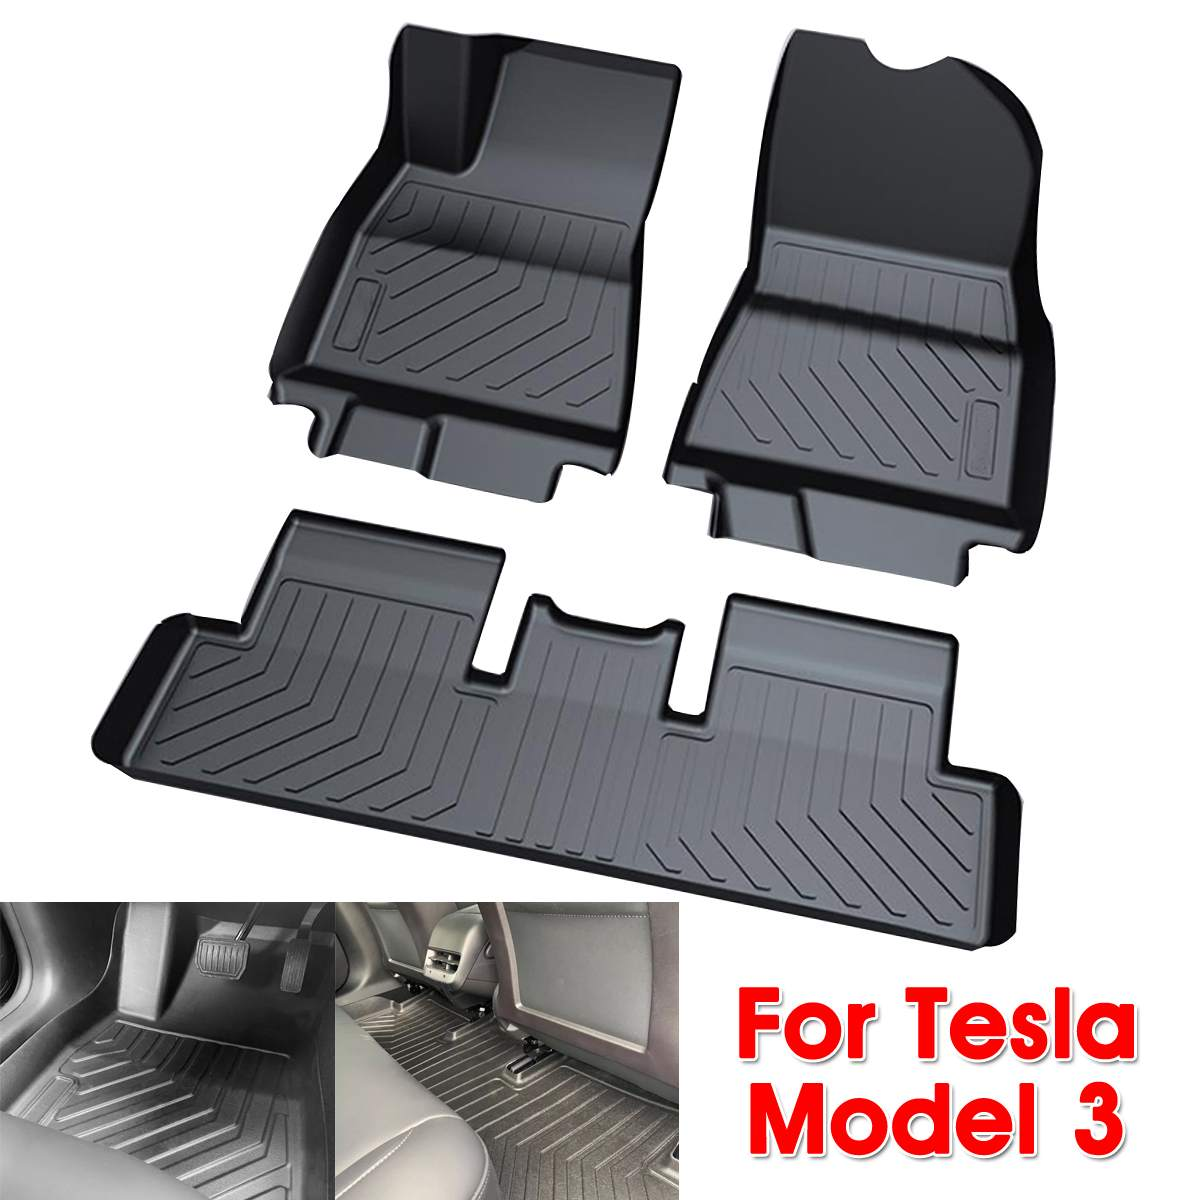 Audew 3 uds TPO frontal y trasero negro alfombrilla de suelo de coche ajuste personalizado todo clima suelo alfombra cubierta para Tesla modelo 3 impermeable Durable